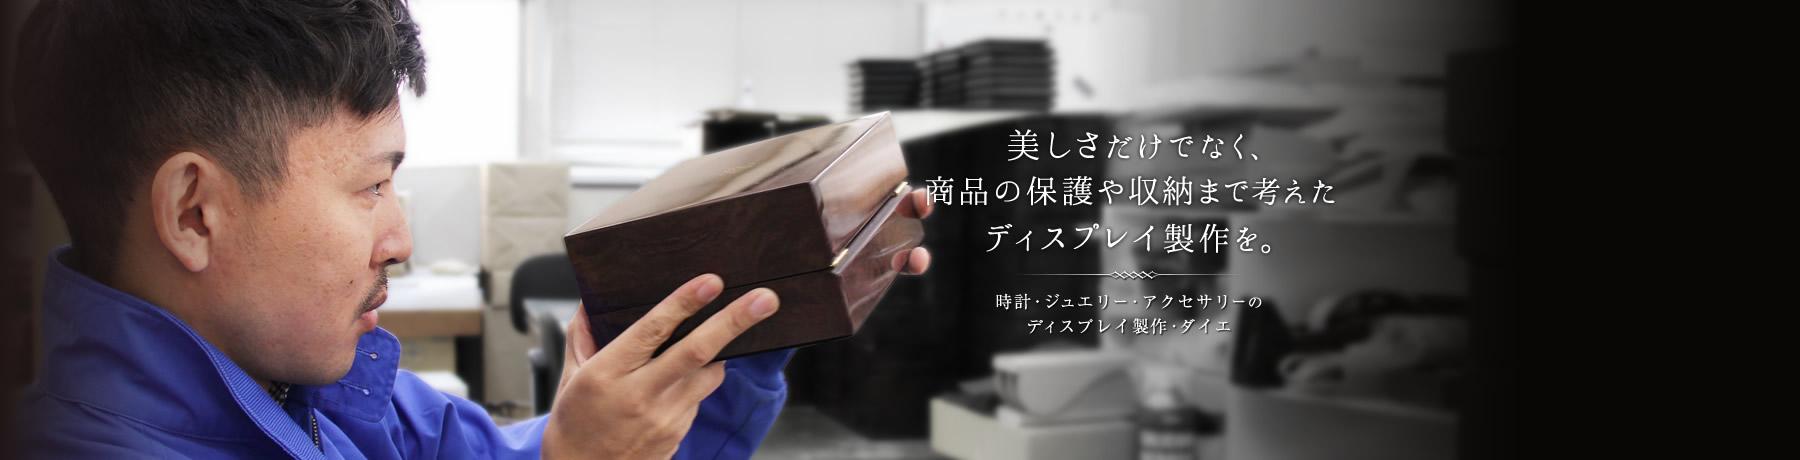 美しさだけでなく、商品の保護や収納まで考えたディスプレイ製作を。